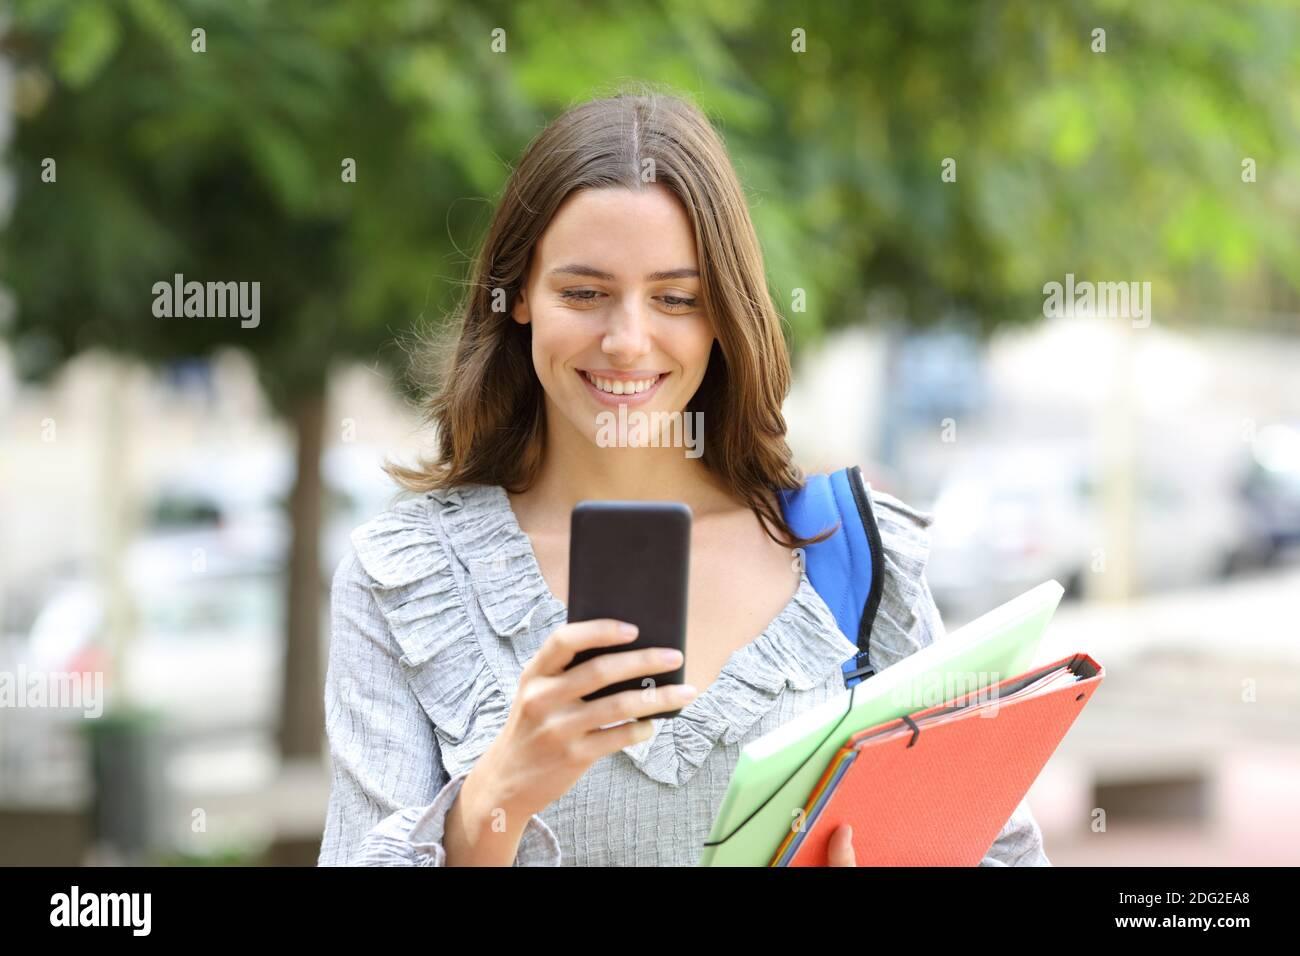 Vorderansicht Porträt eines glücklichen Studenten zu Fuß Überprüfung smart Telefon auf der Straße Stockfoto